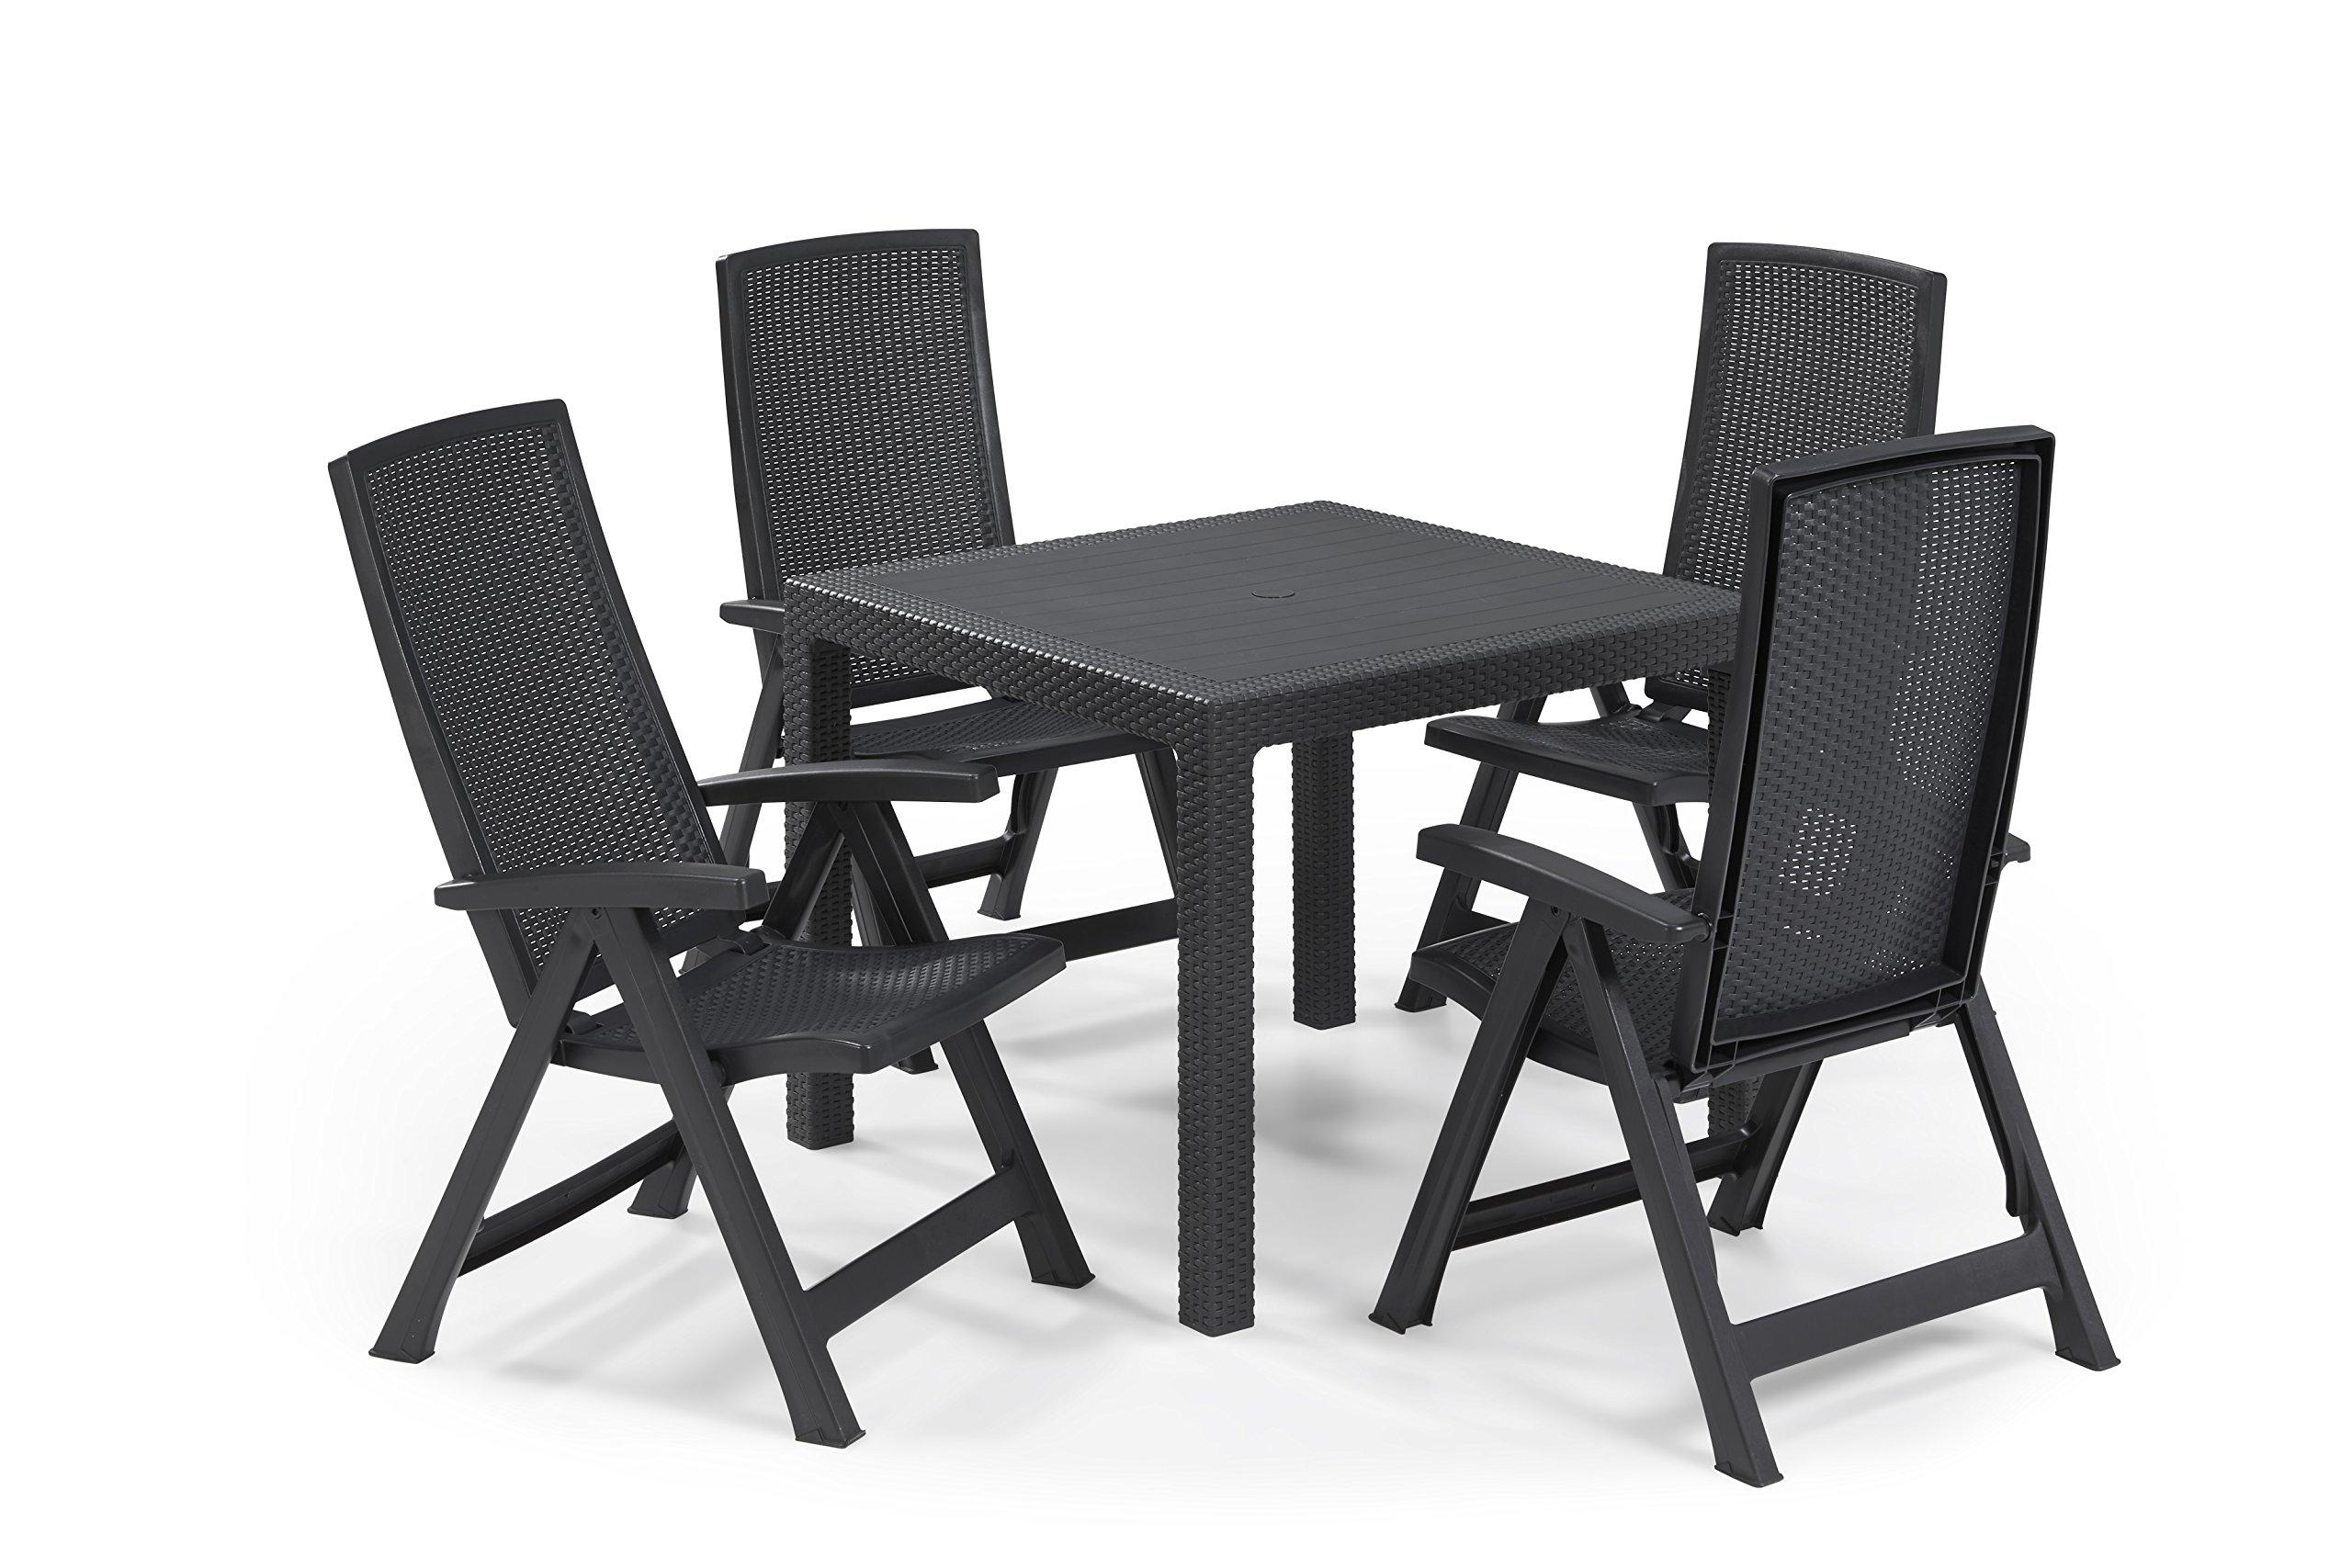 Keter - Set de mobiliario de jardín Quartet/Montreal (mesa + 4 sillas), color grafito: Amazon.es: Jardín